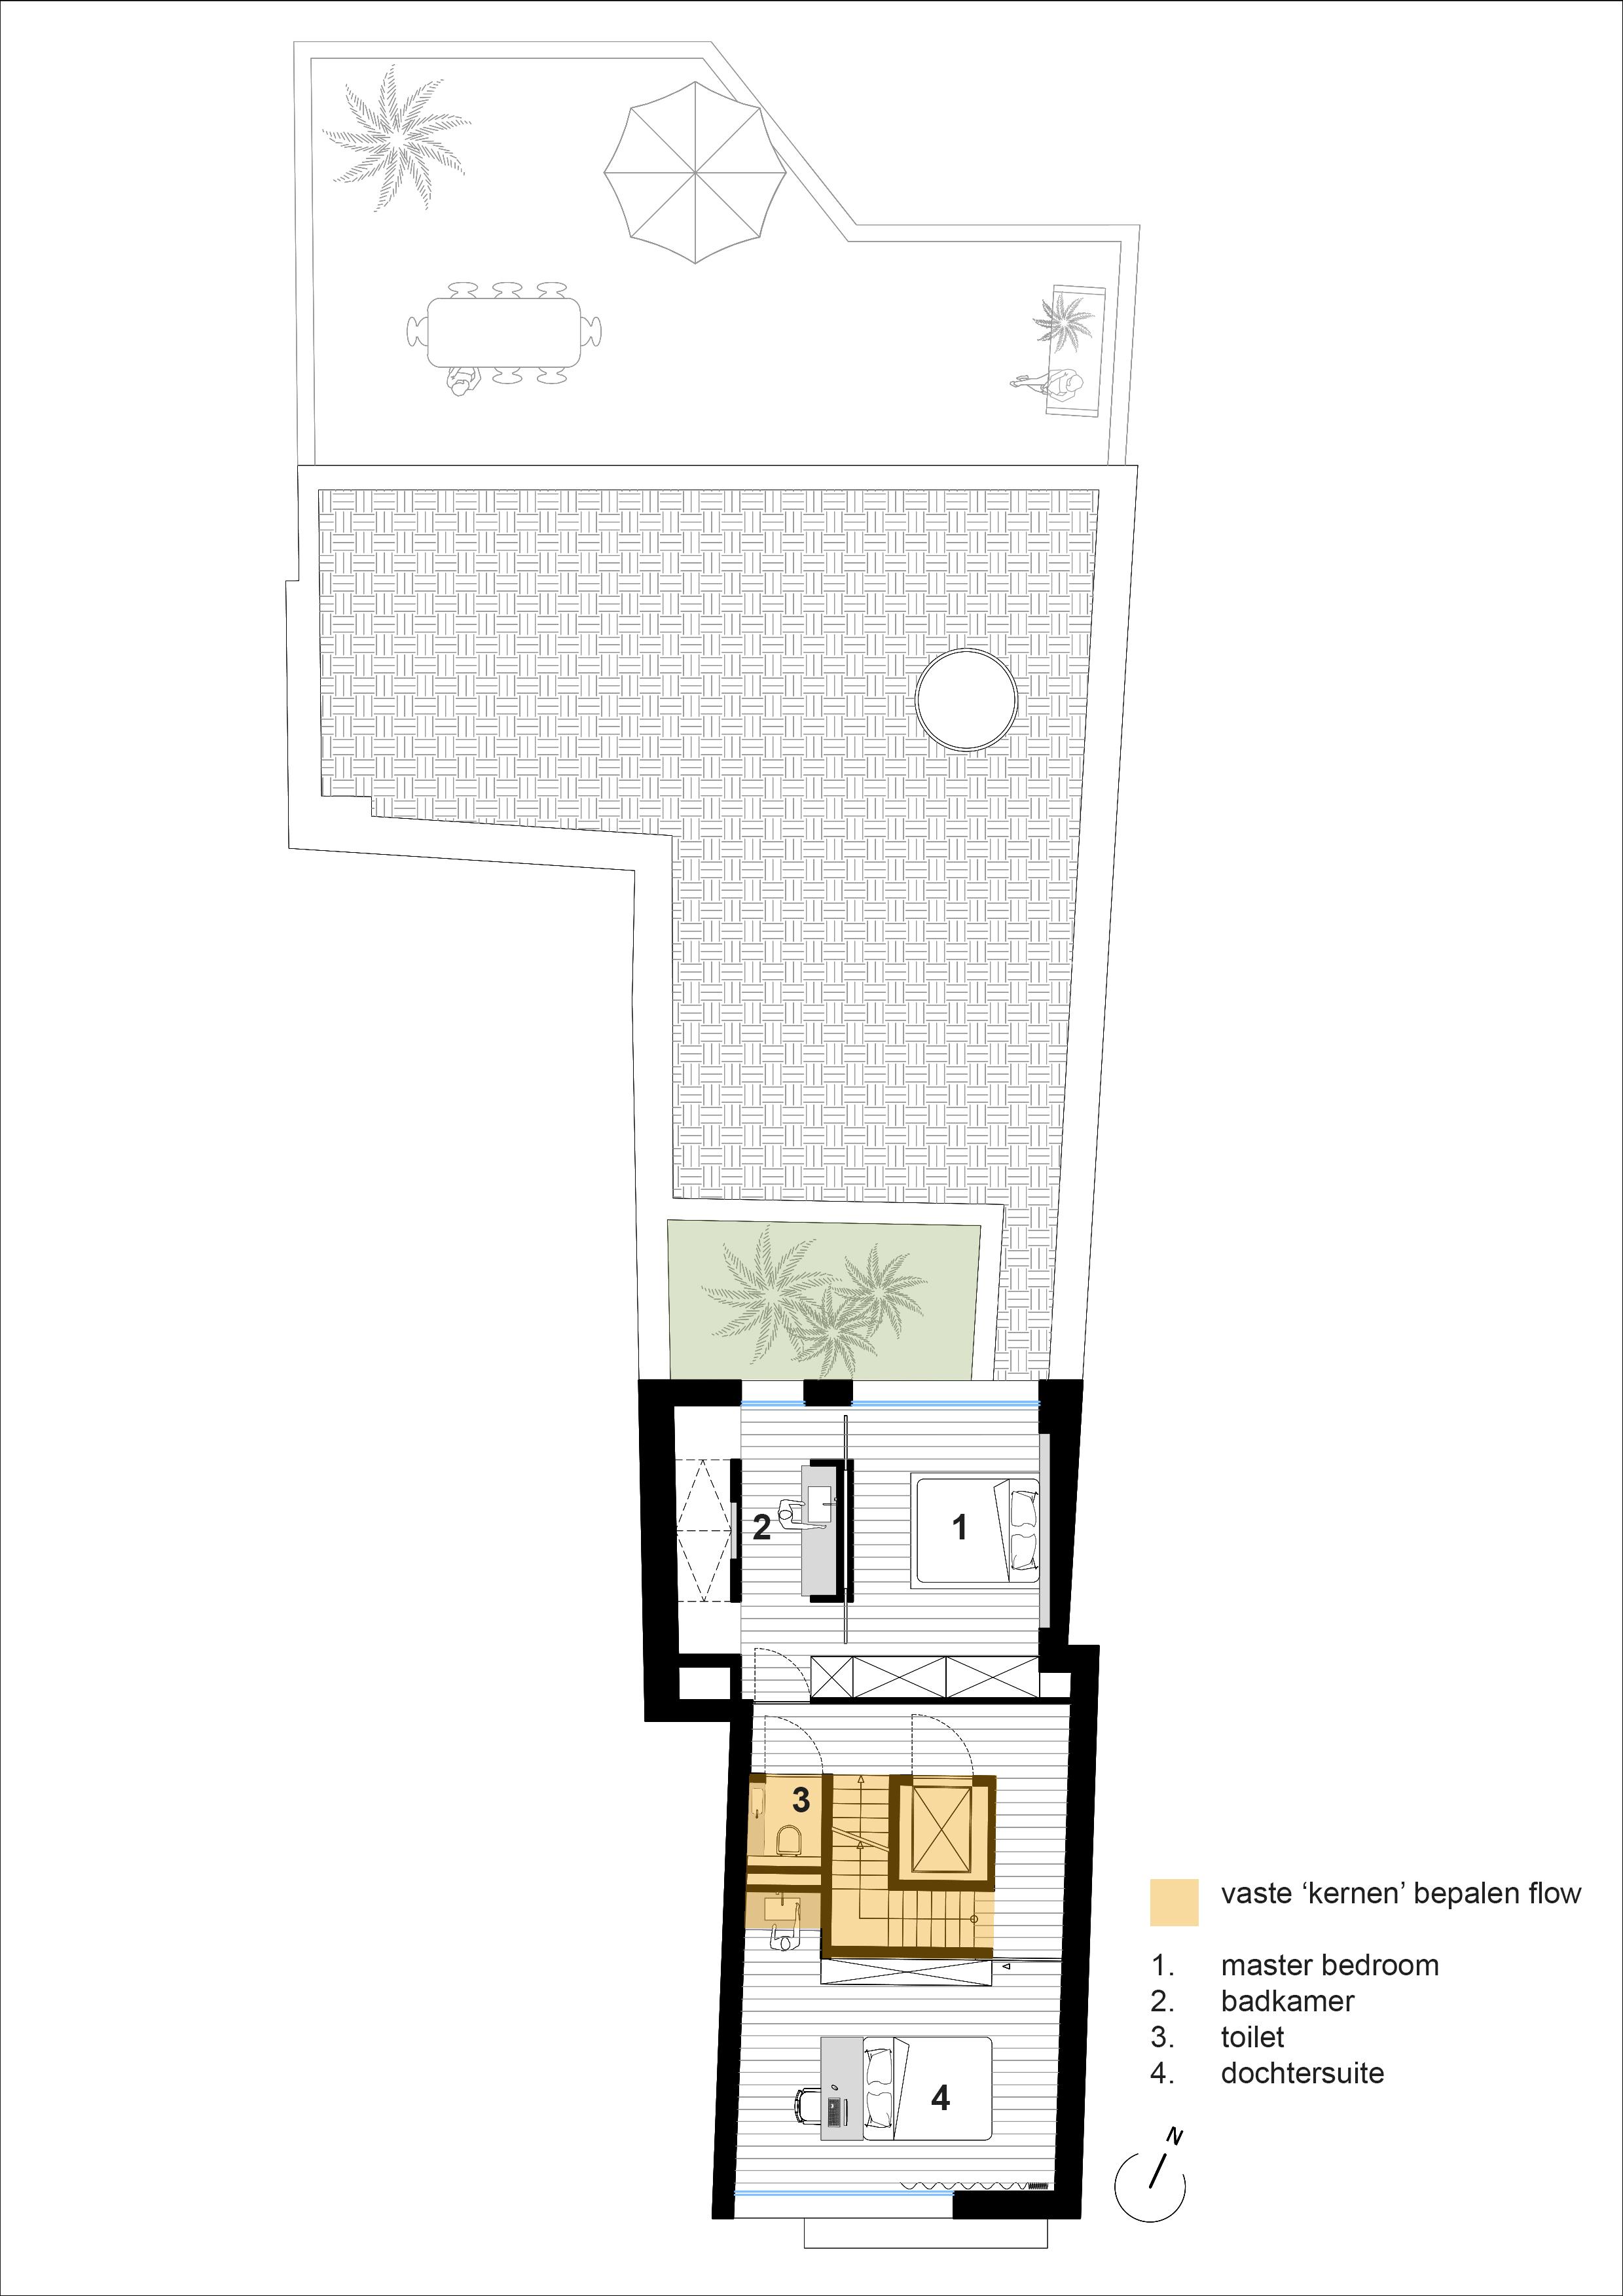 tweede verdieping plan.jpg